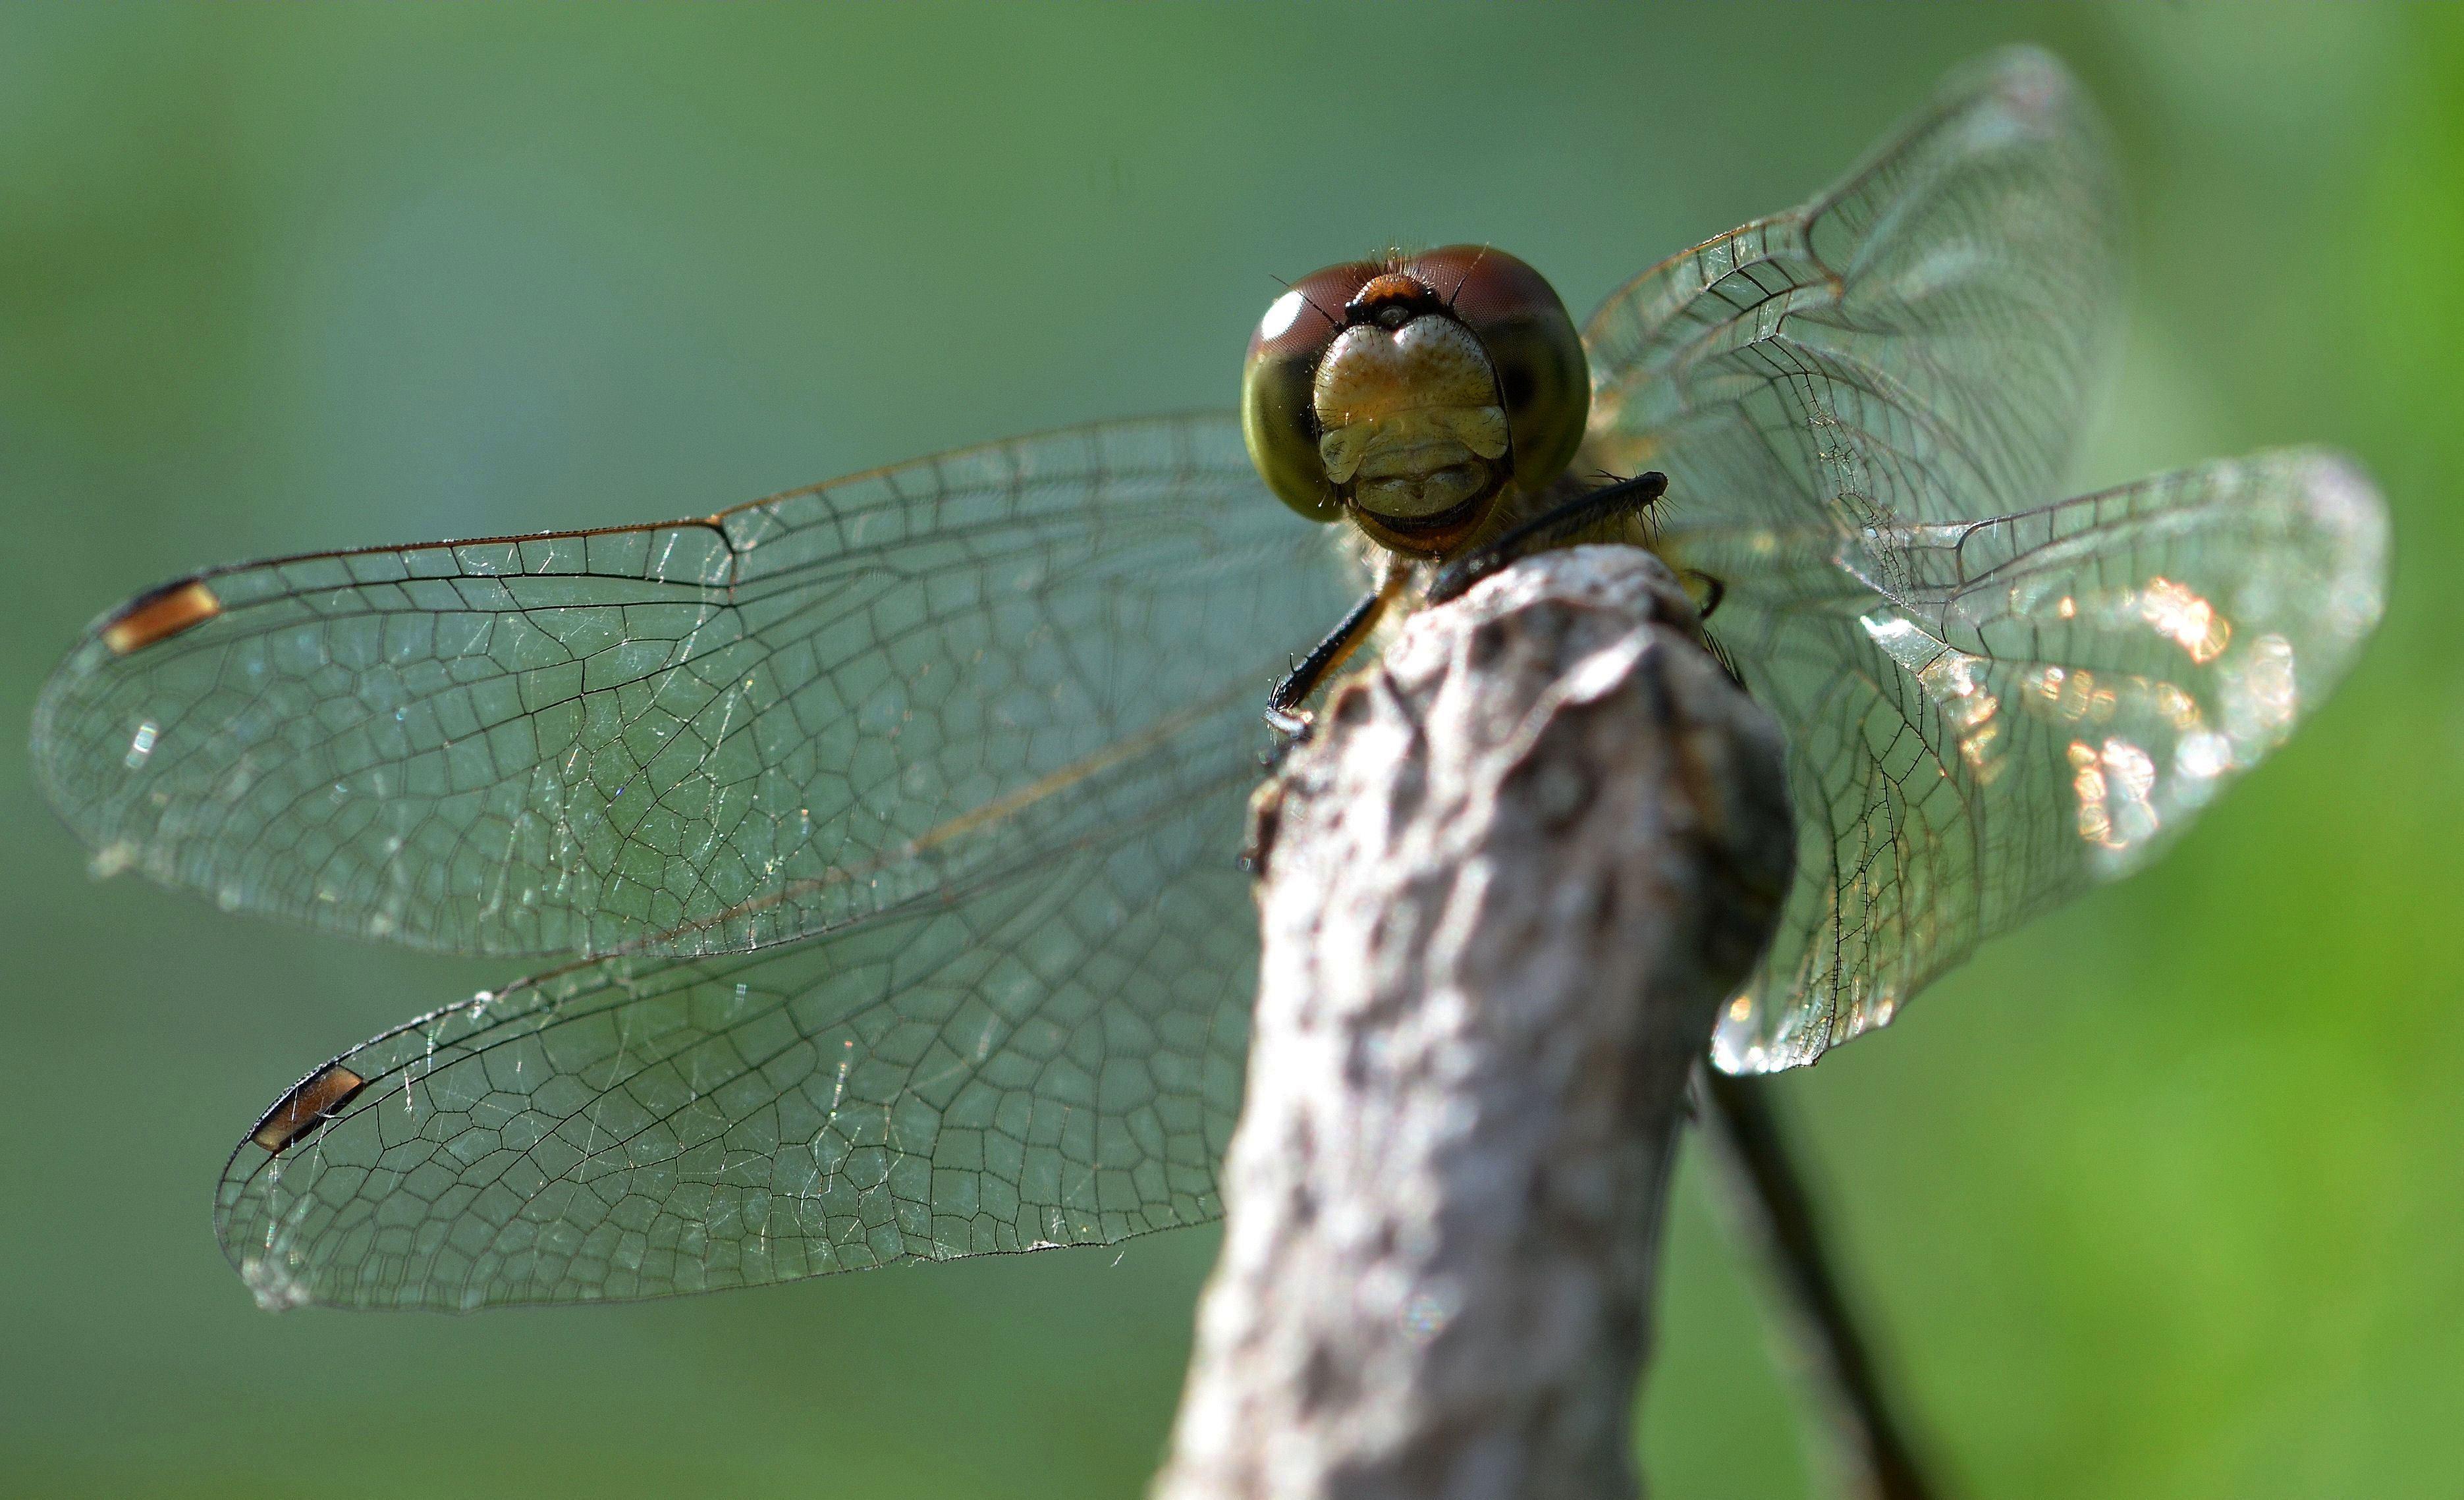 Tableau Des Ordres D'insectes | Espace Pour La Vie encequiconcerne Les Noms Des Insectes